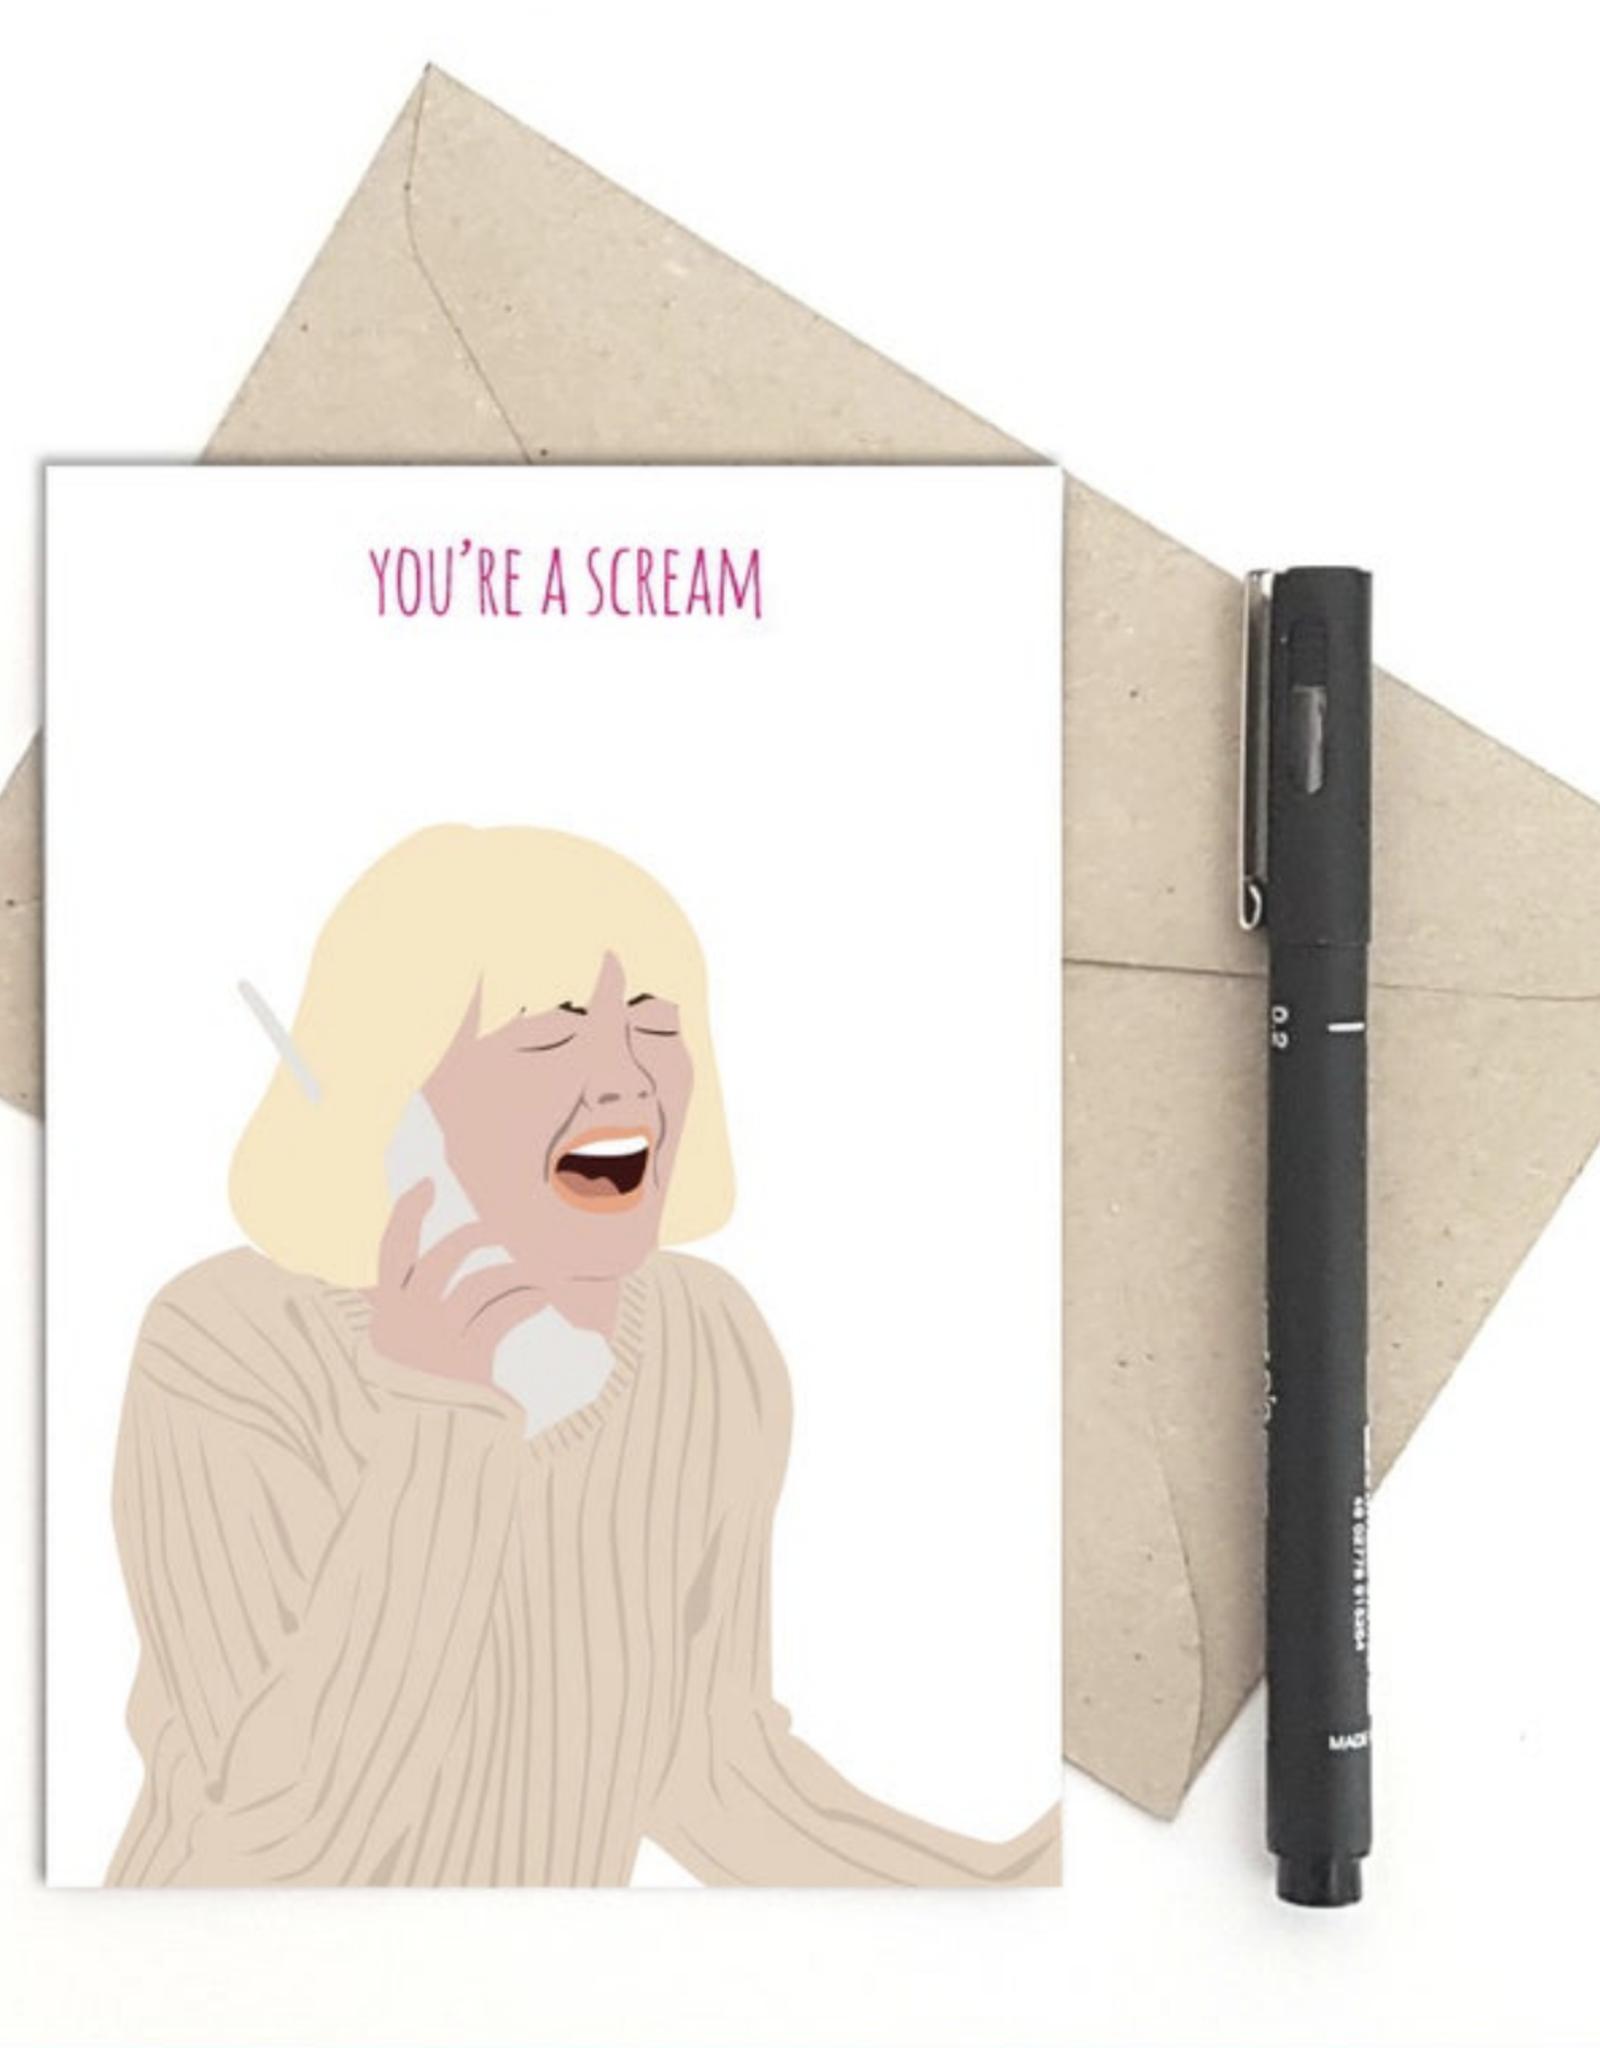 You're a Scream (Scream) Greeting Card